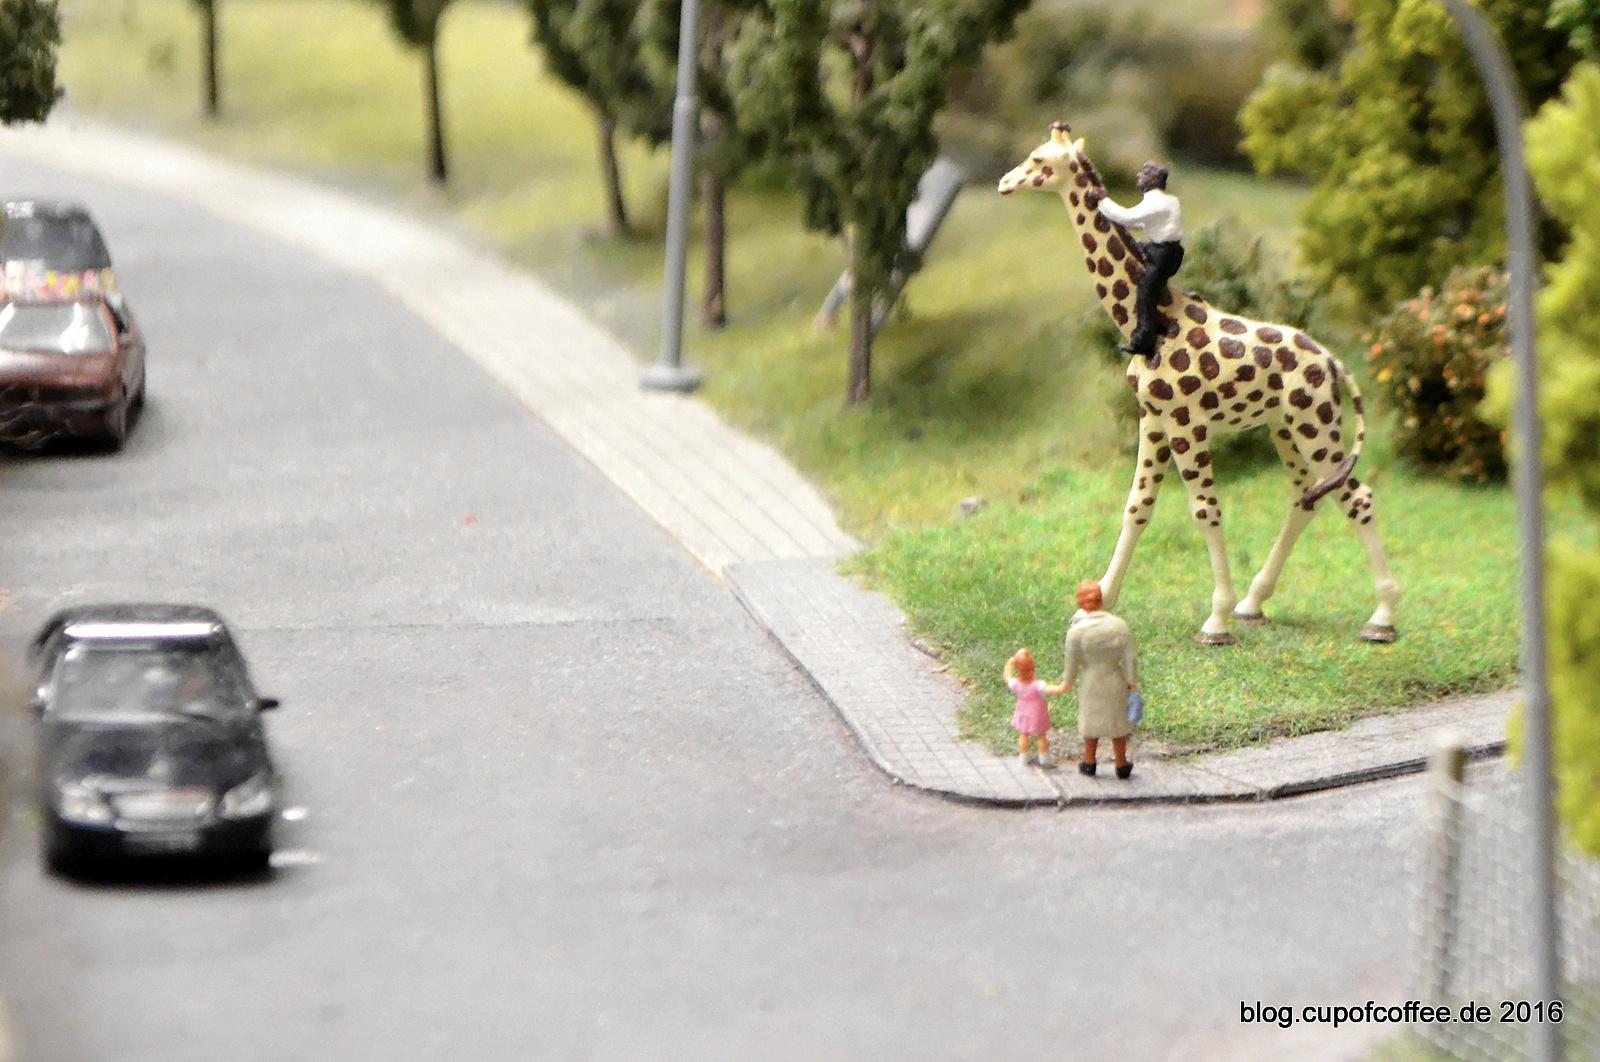 Überall im Wunderland ist tierisch was los. Man muss nur genau hin gucken.